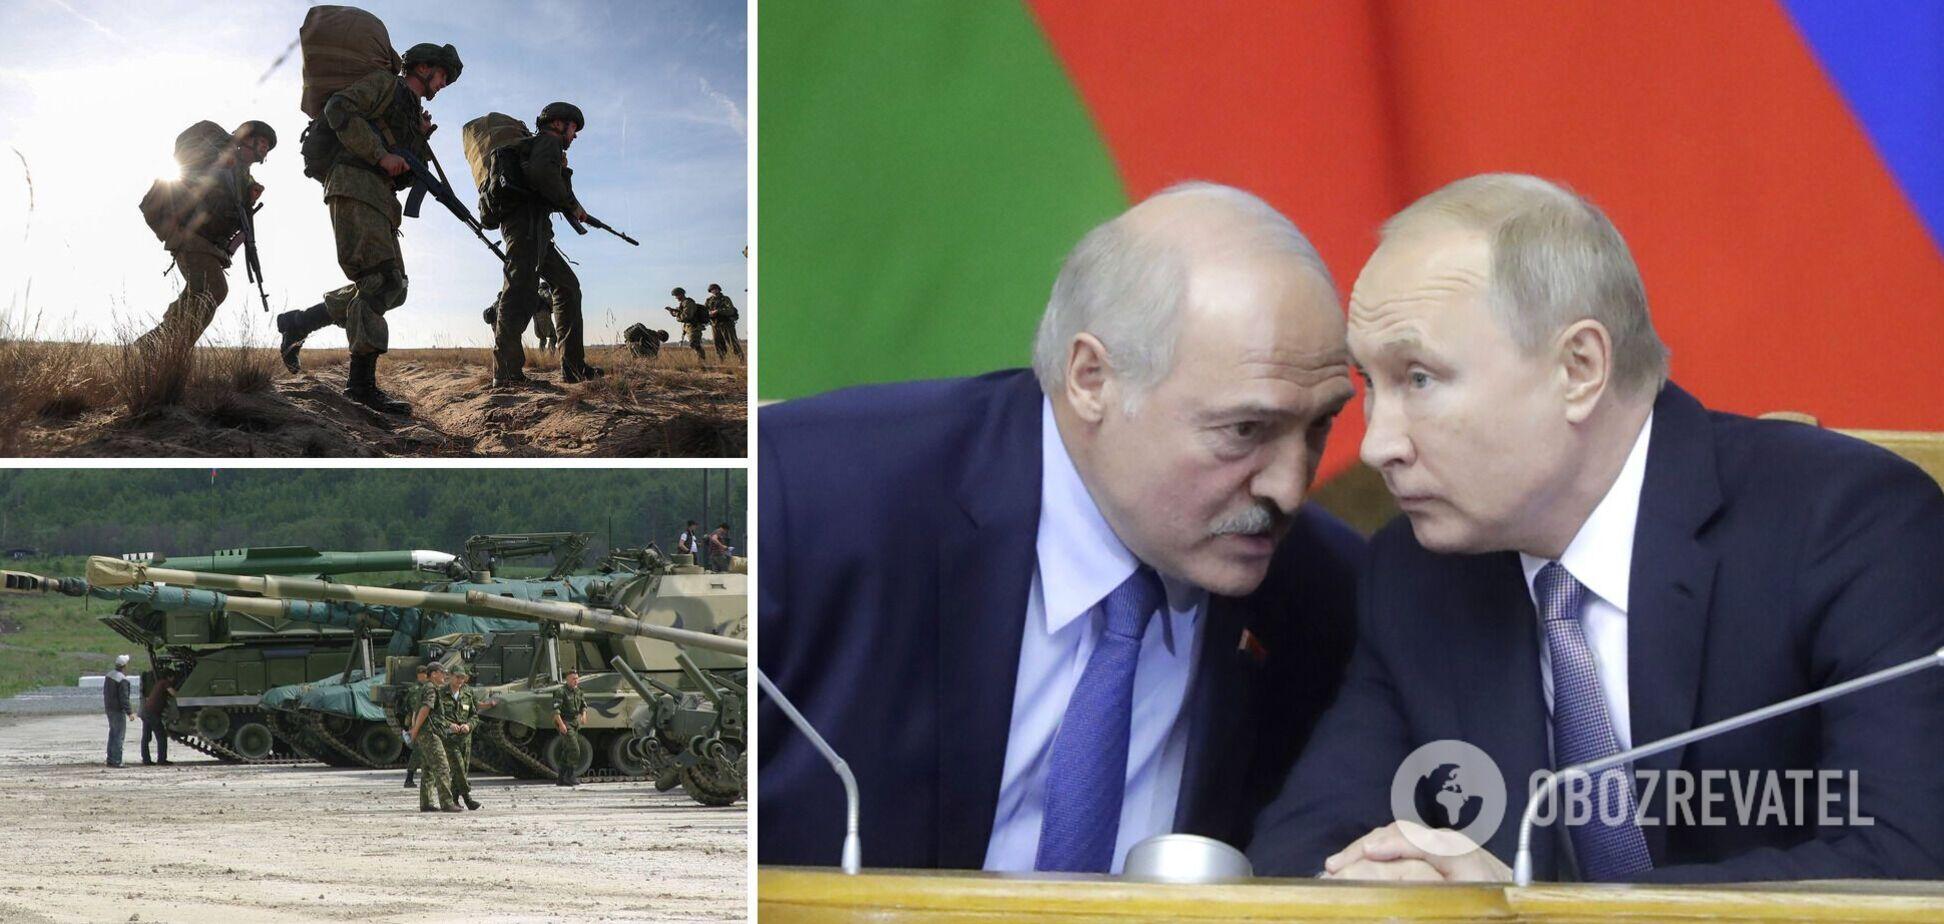 Лукашенко – о размещении военных баз РФ в Беларуси: если нужно, раздумывать не будем